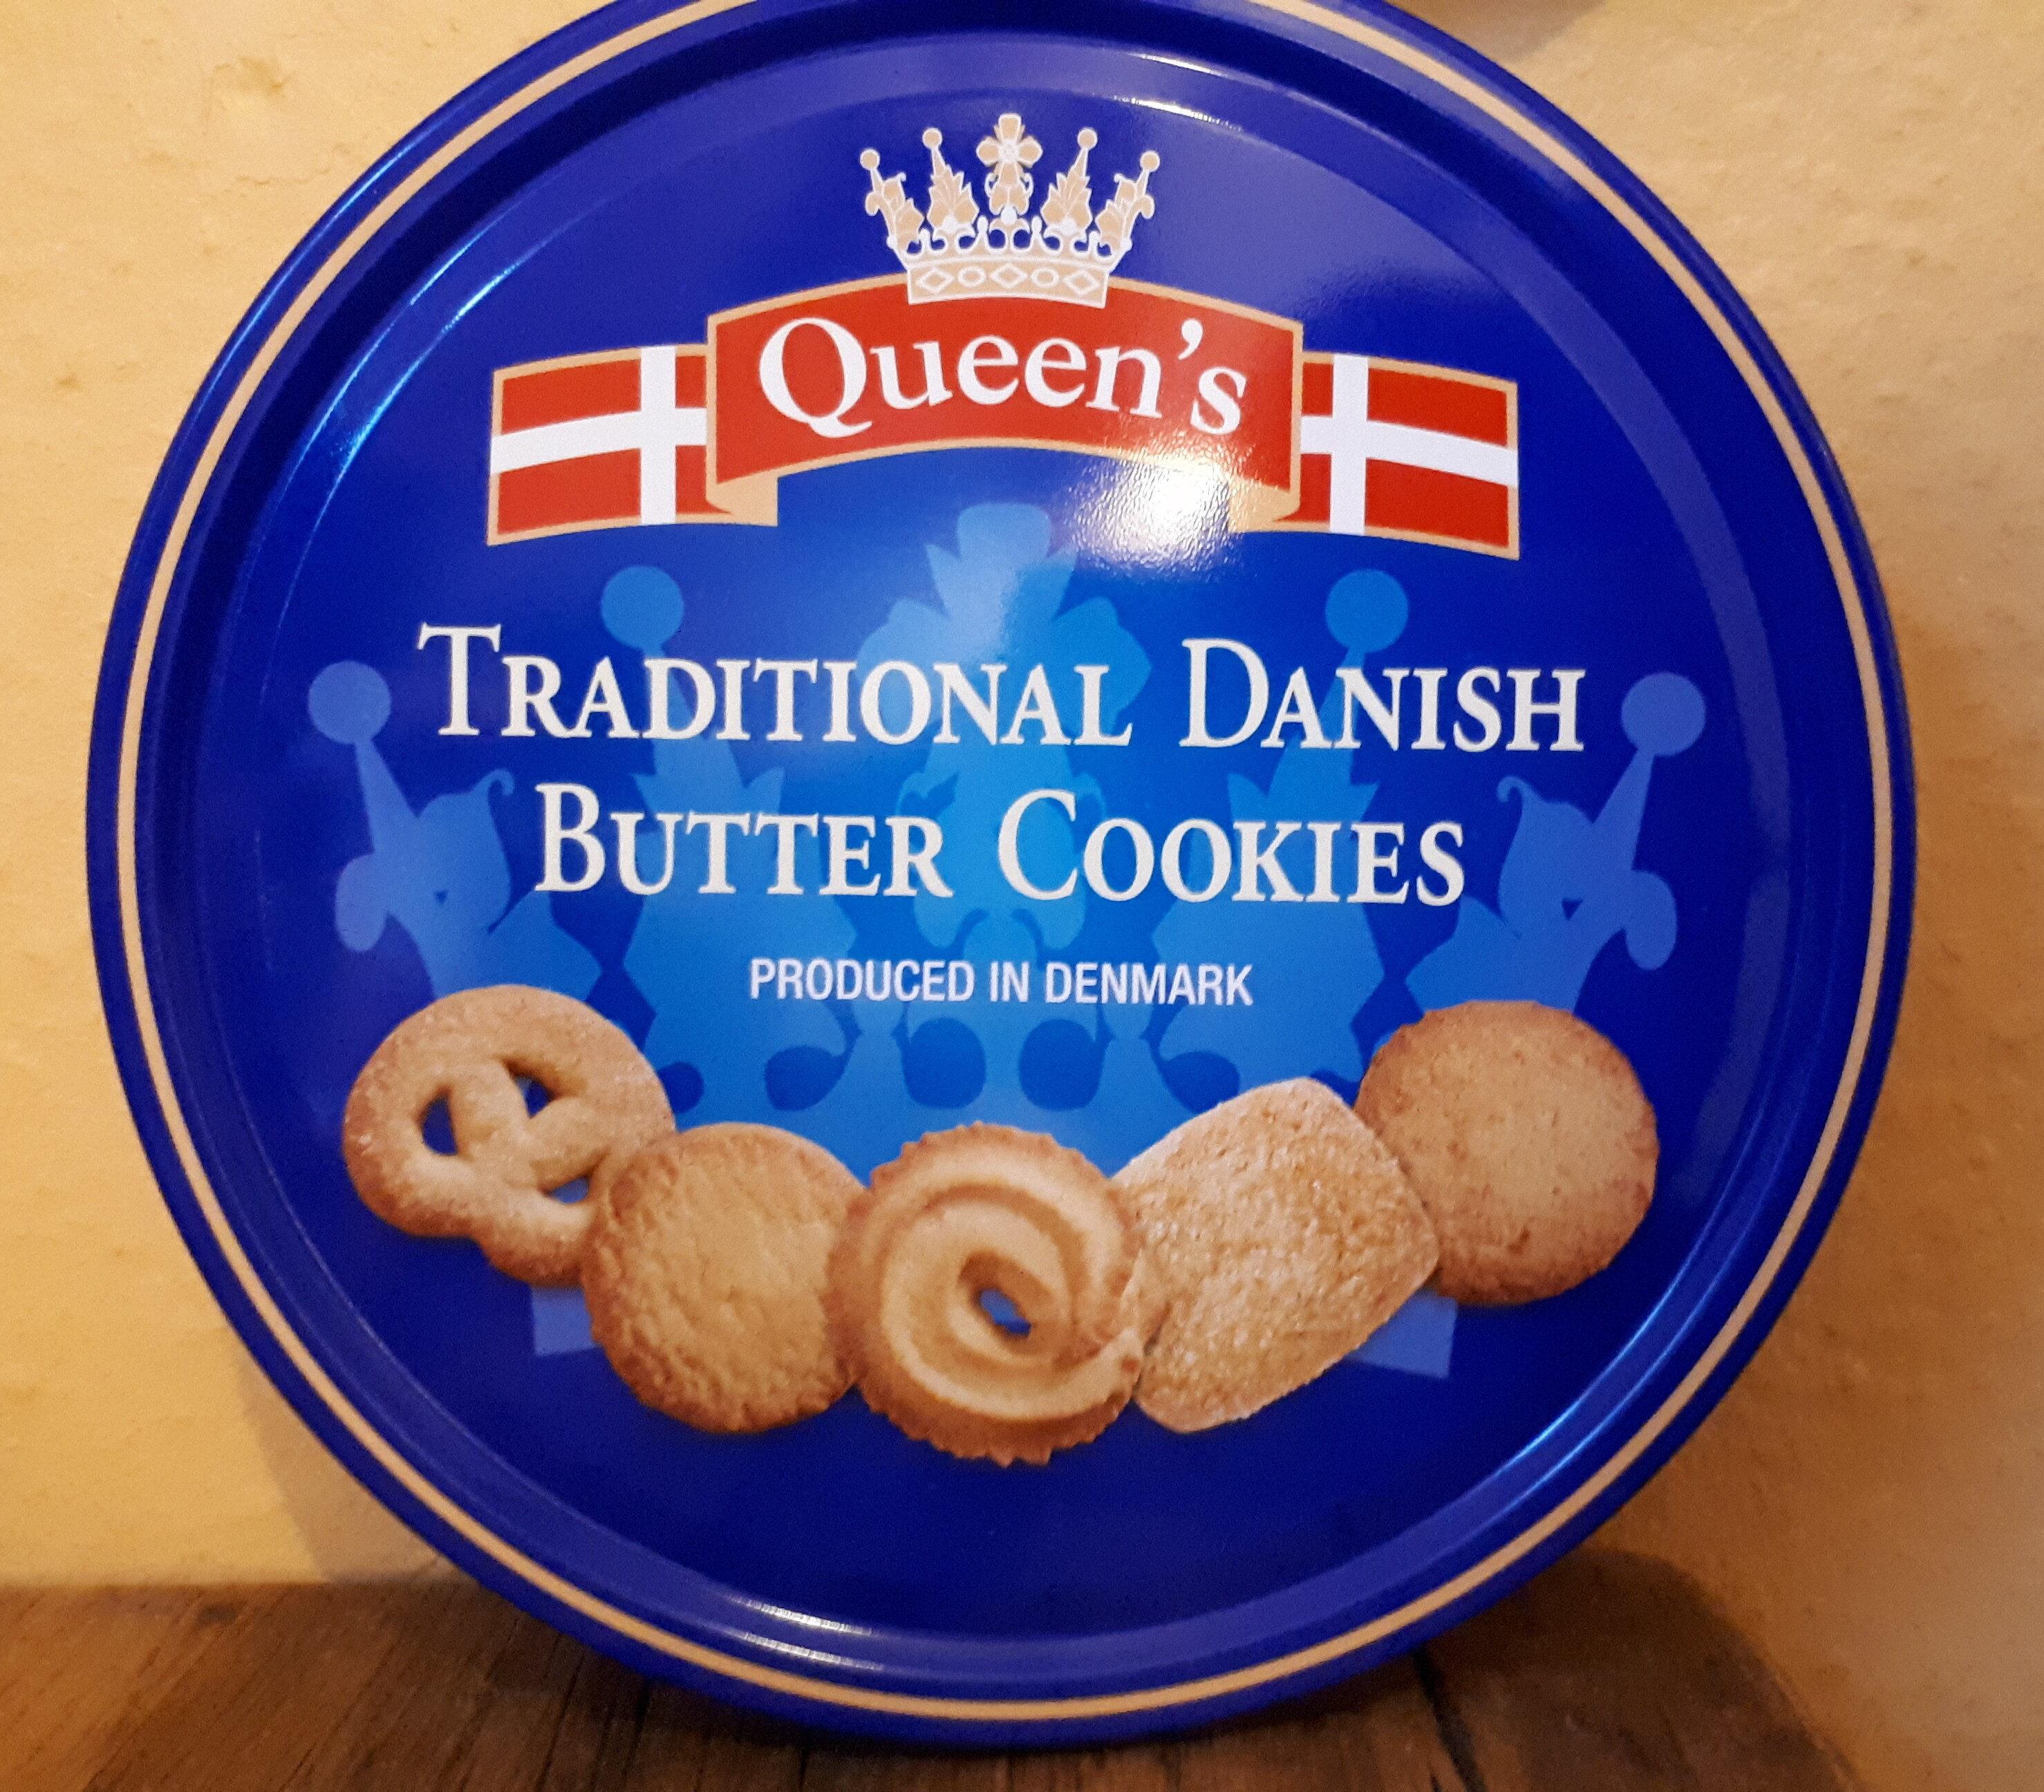 Traditional Danish Butter Cookies   Queen's   20 g